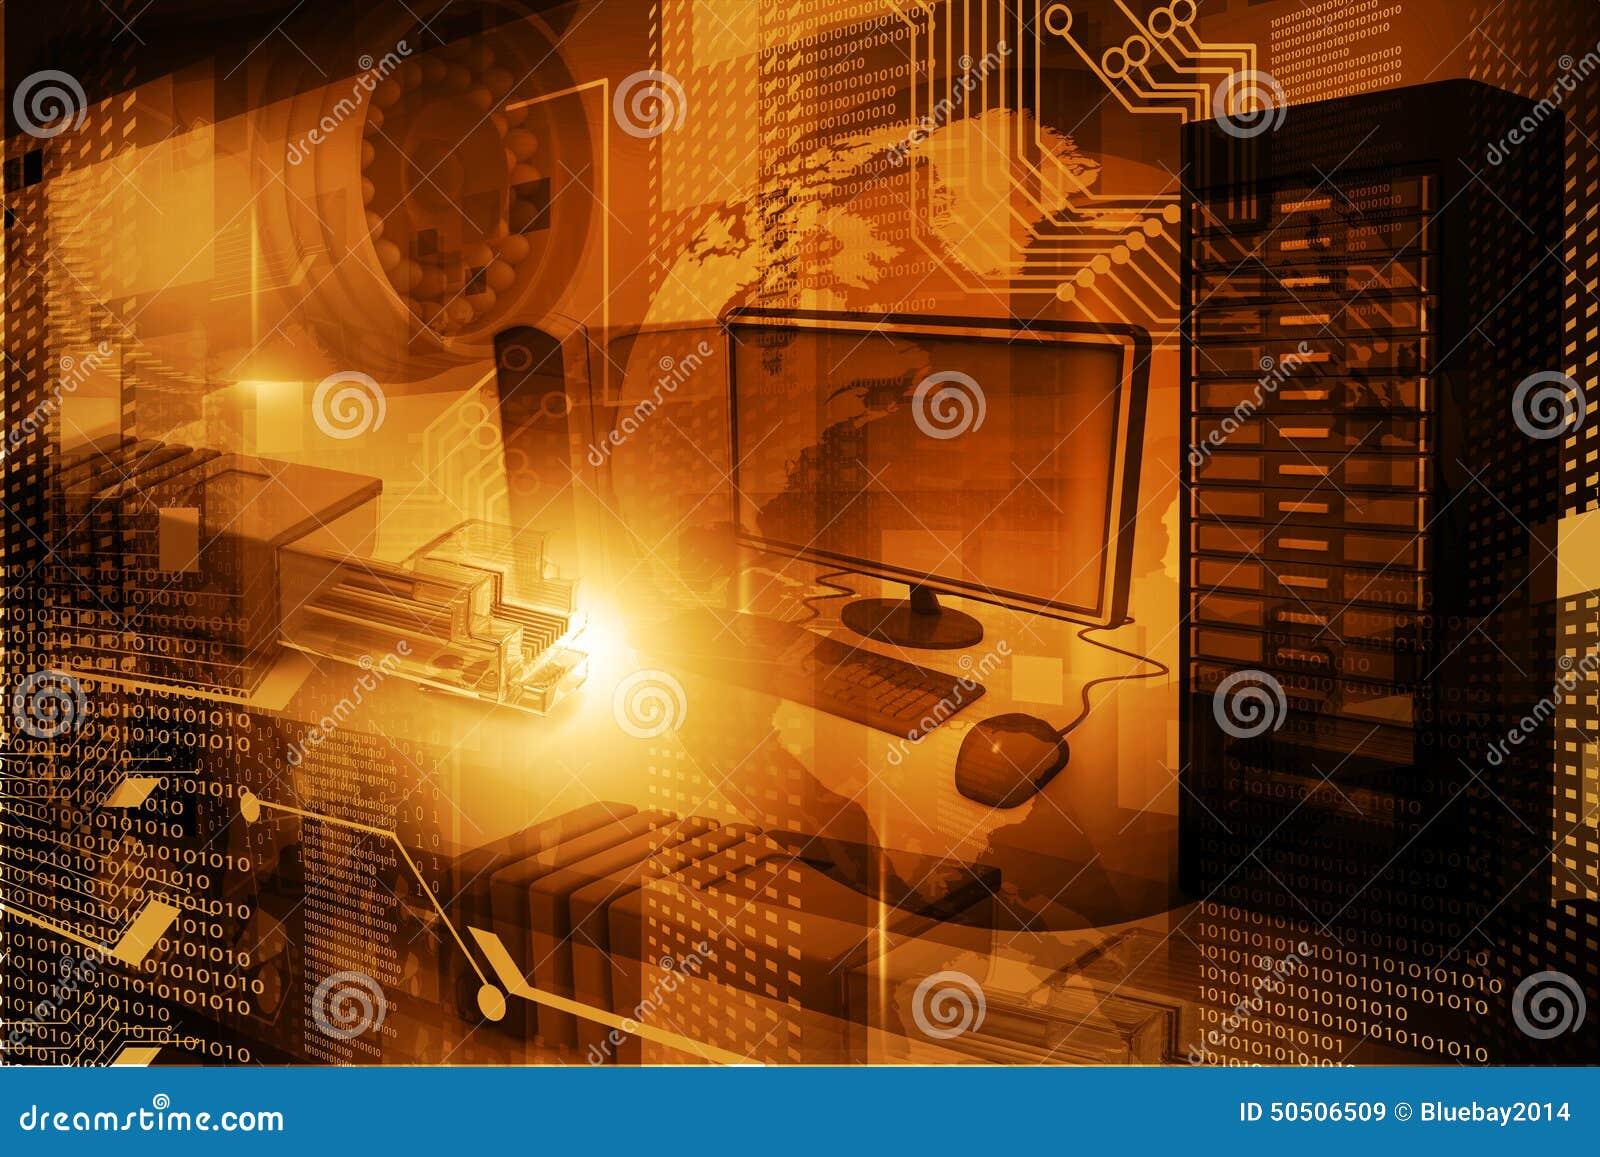 现代数字技术背景